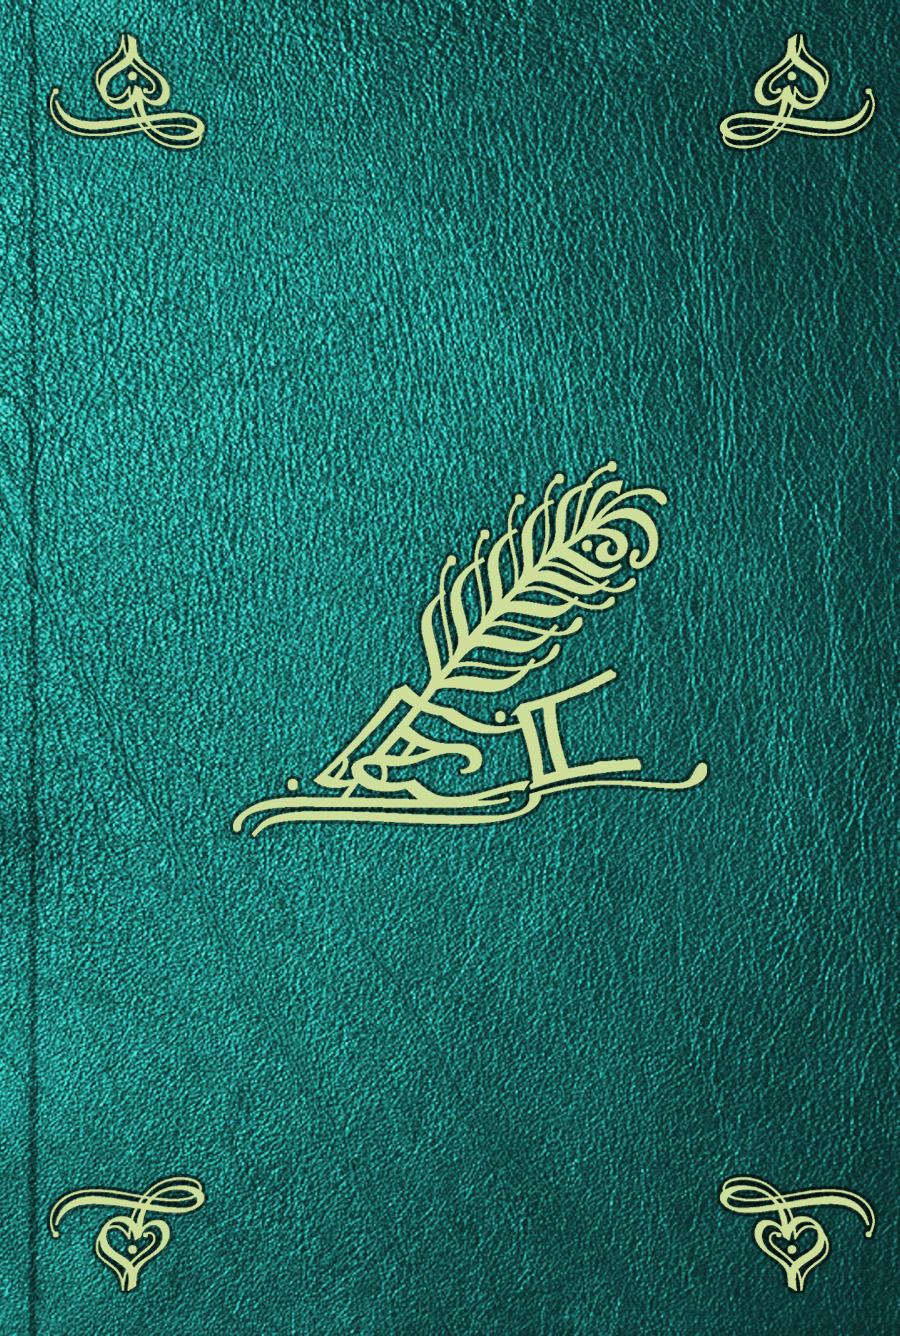 François Charles Hugues Laurent Pouqueville Voyage dans la Grece. T. 3 guillaume de la galaisière voyage dans les mers de l inde t 3